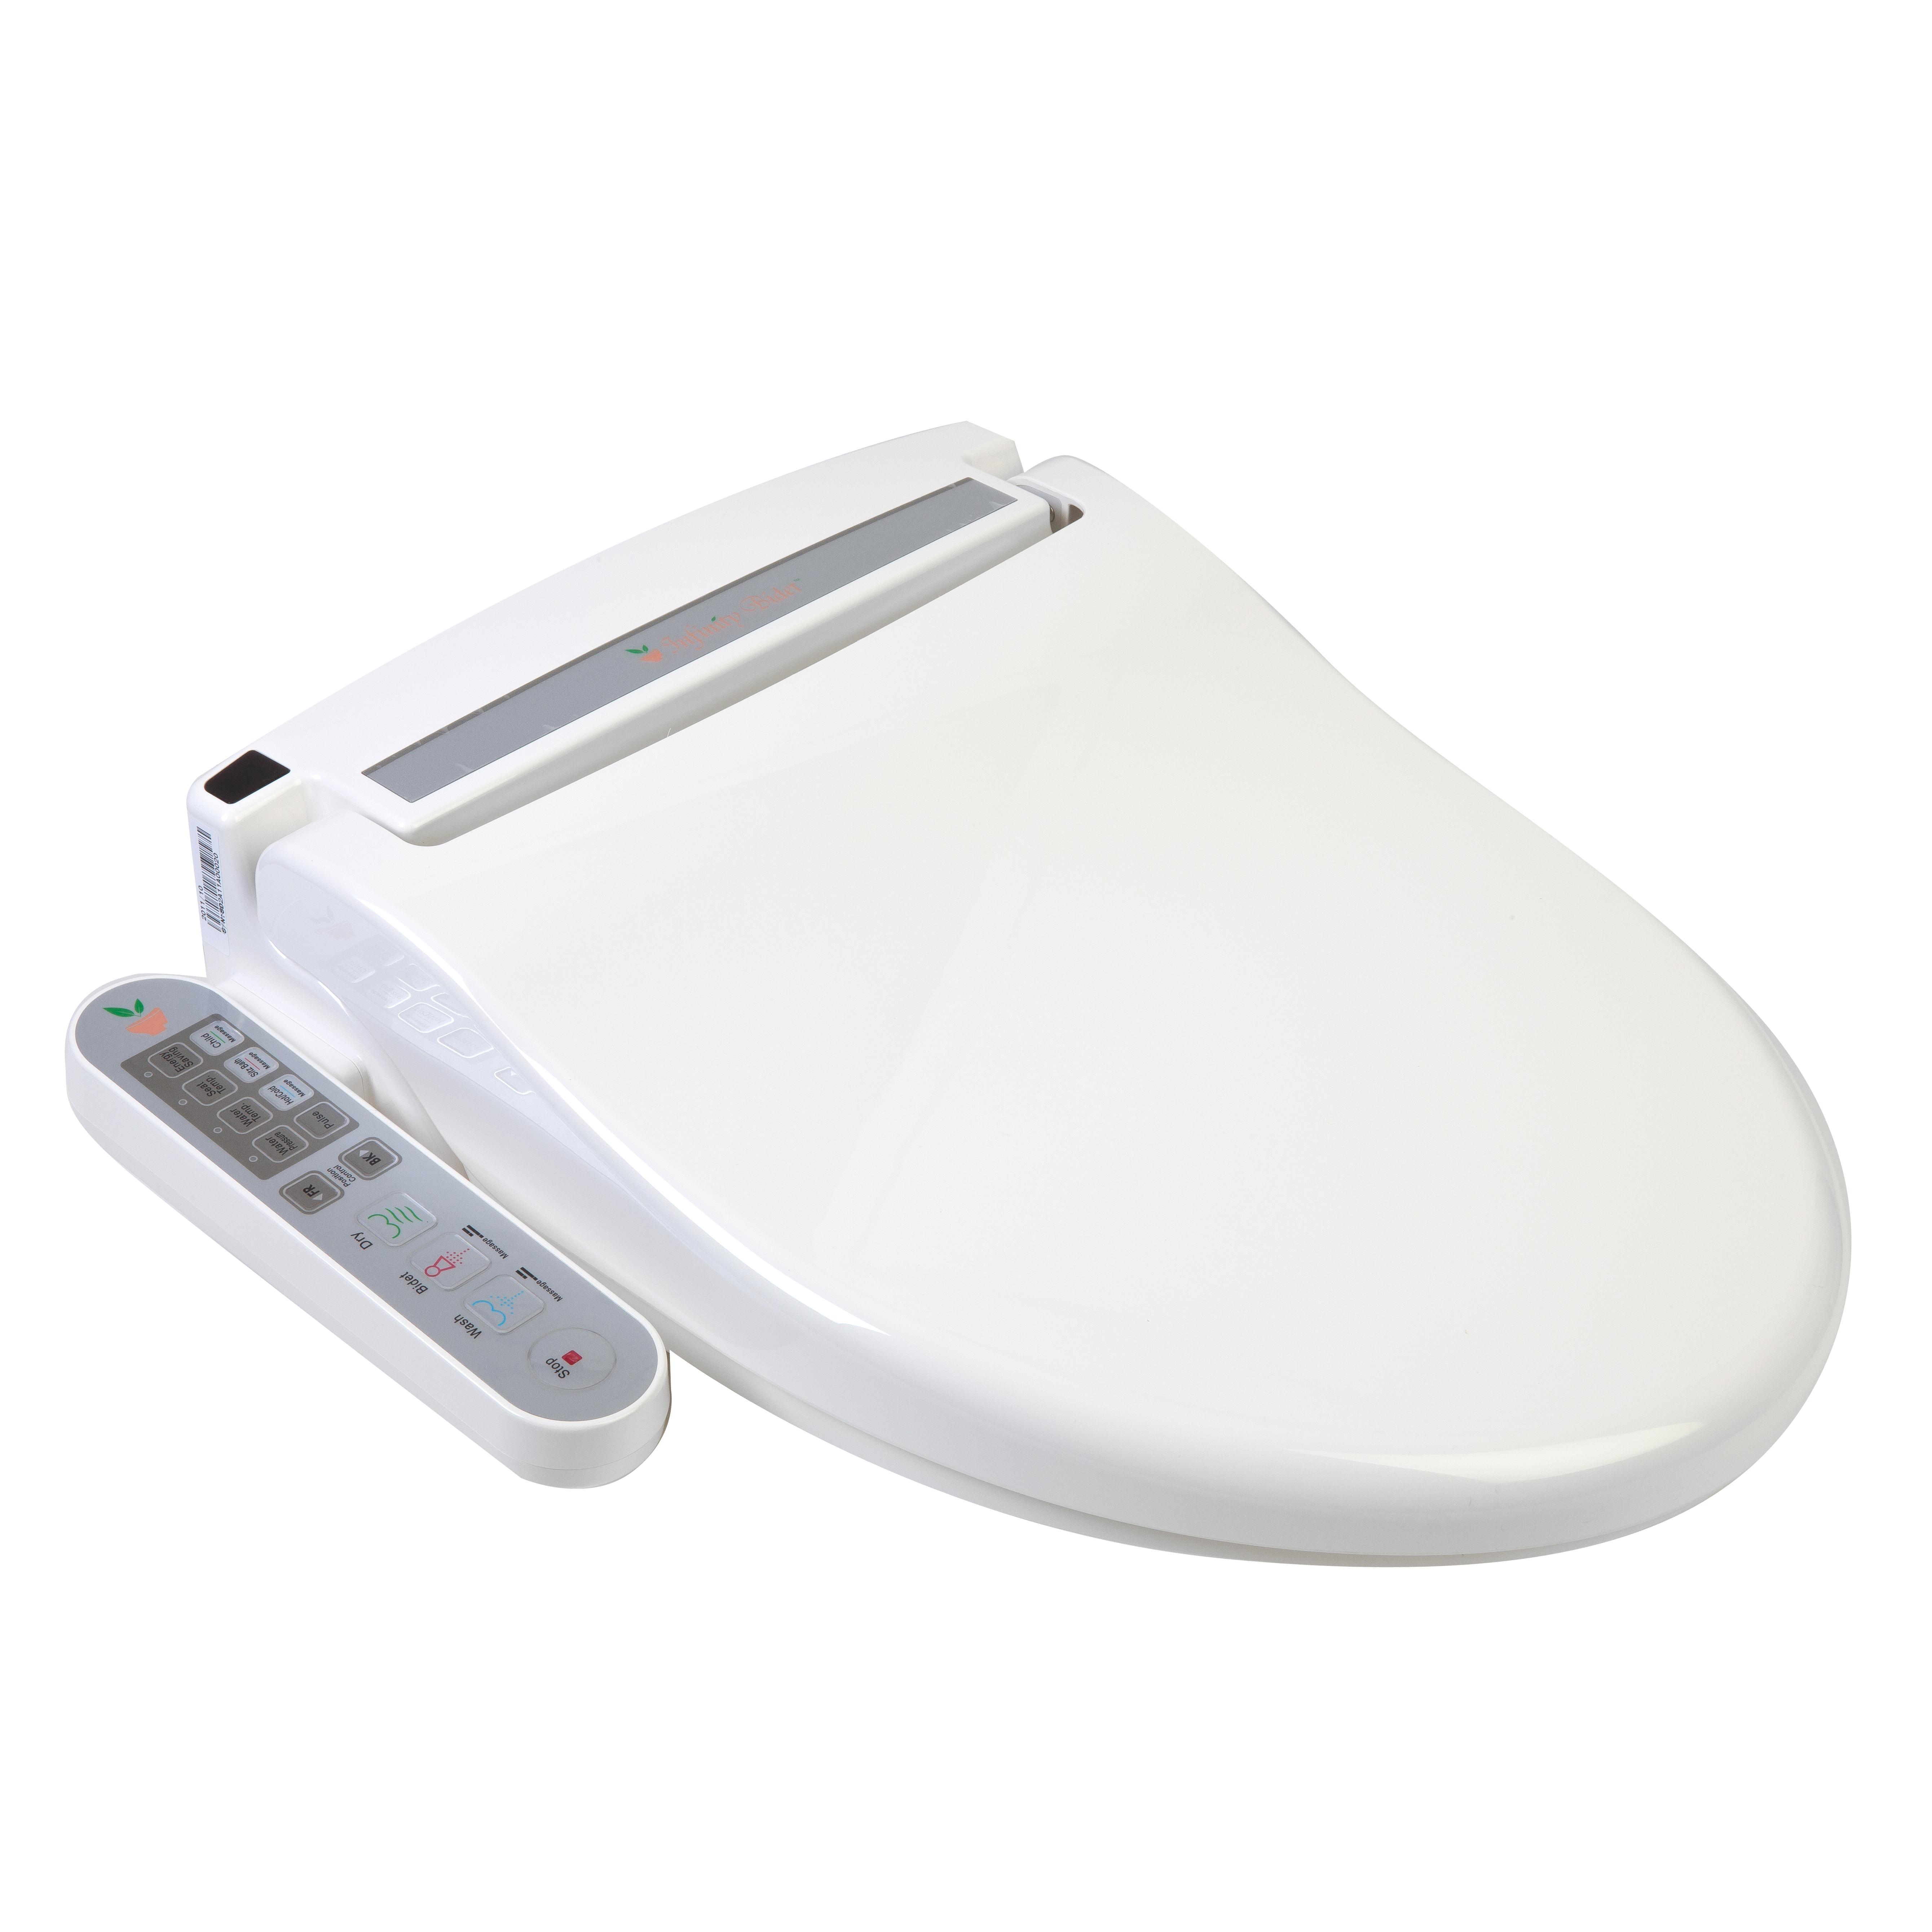 Infinity Xlc 2000 Bidet Toilet Seat Best Bet To Heal You